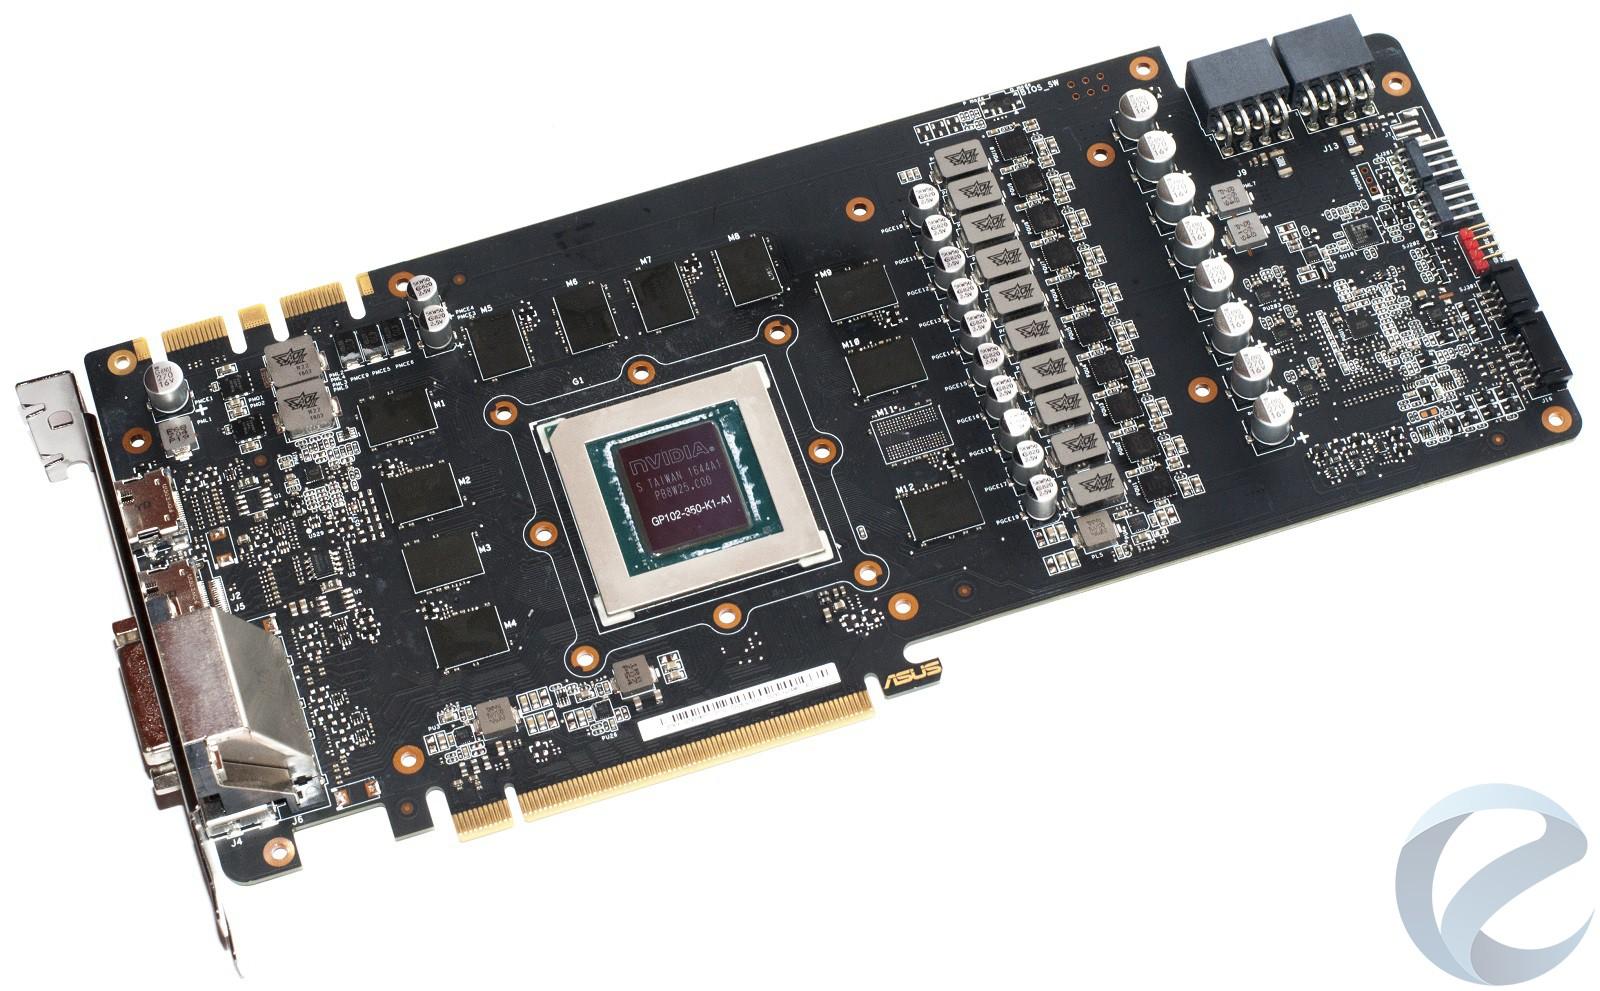 Обзор и тестирование видеокарты ASUS ROG GeForce GTX 1080 Ti